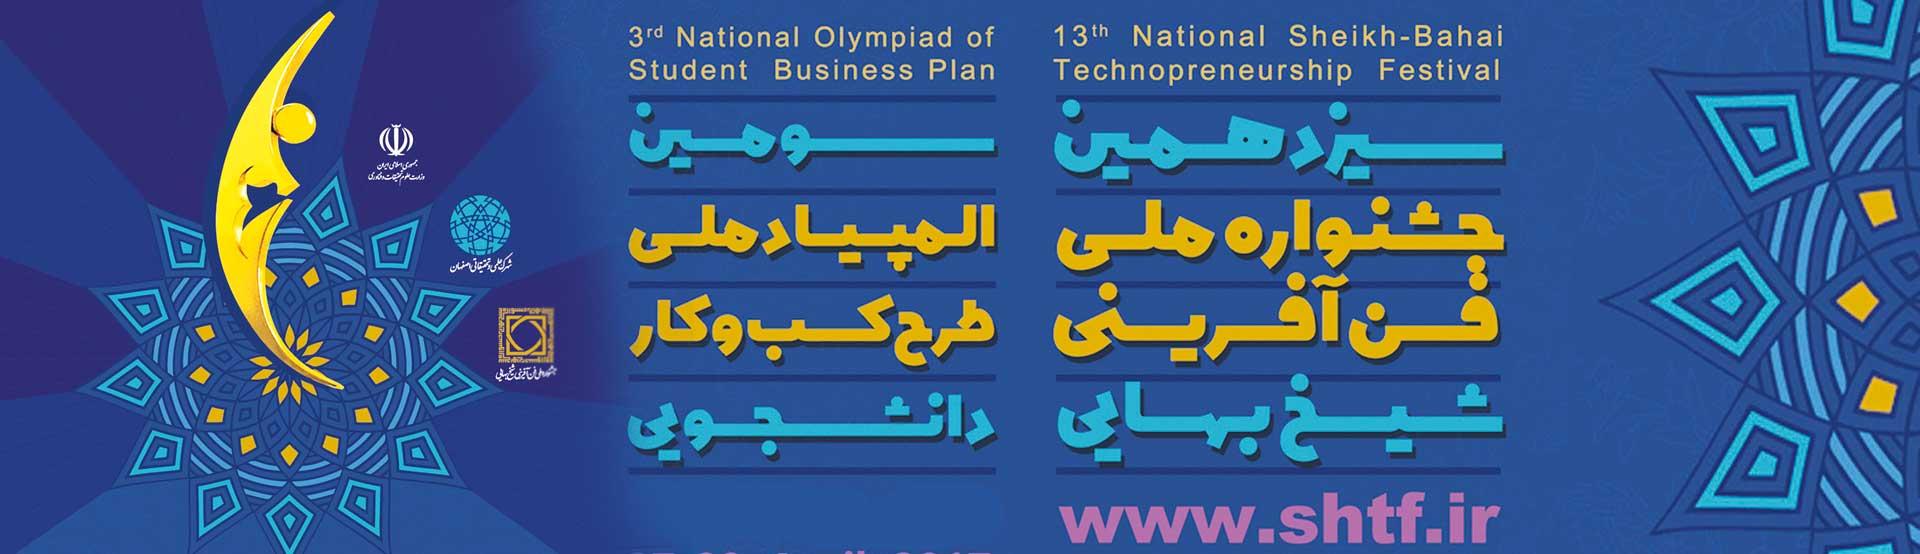 تغییر در زمان برگزاری سیزدهمین جشنواره ملی شیخ بهایی